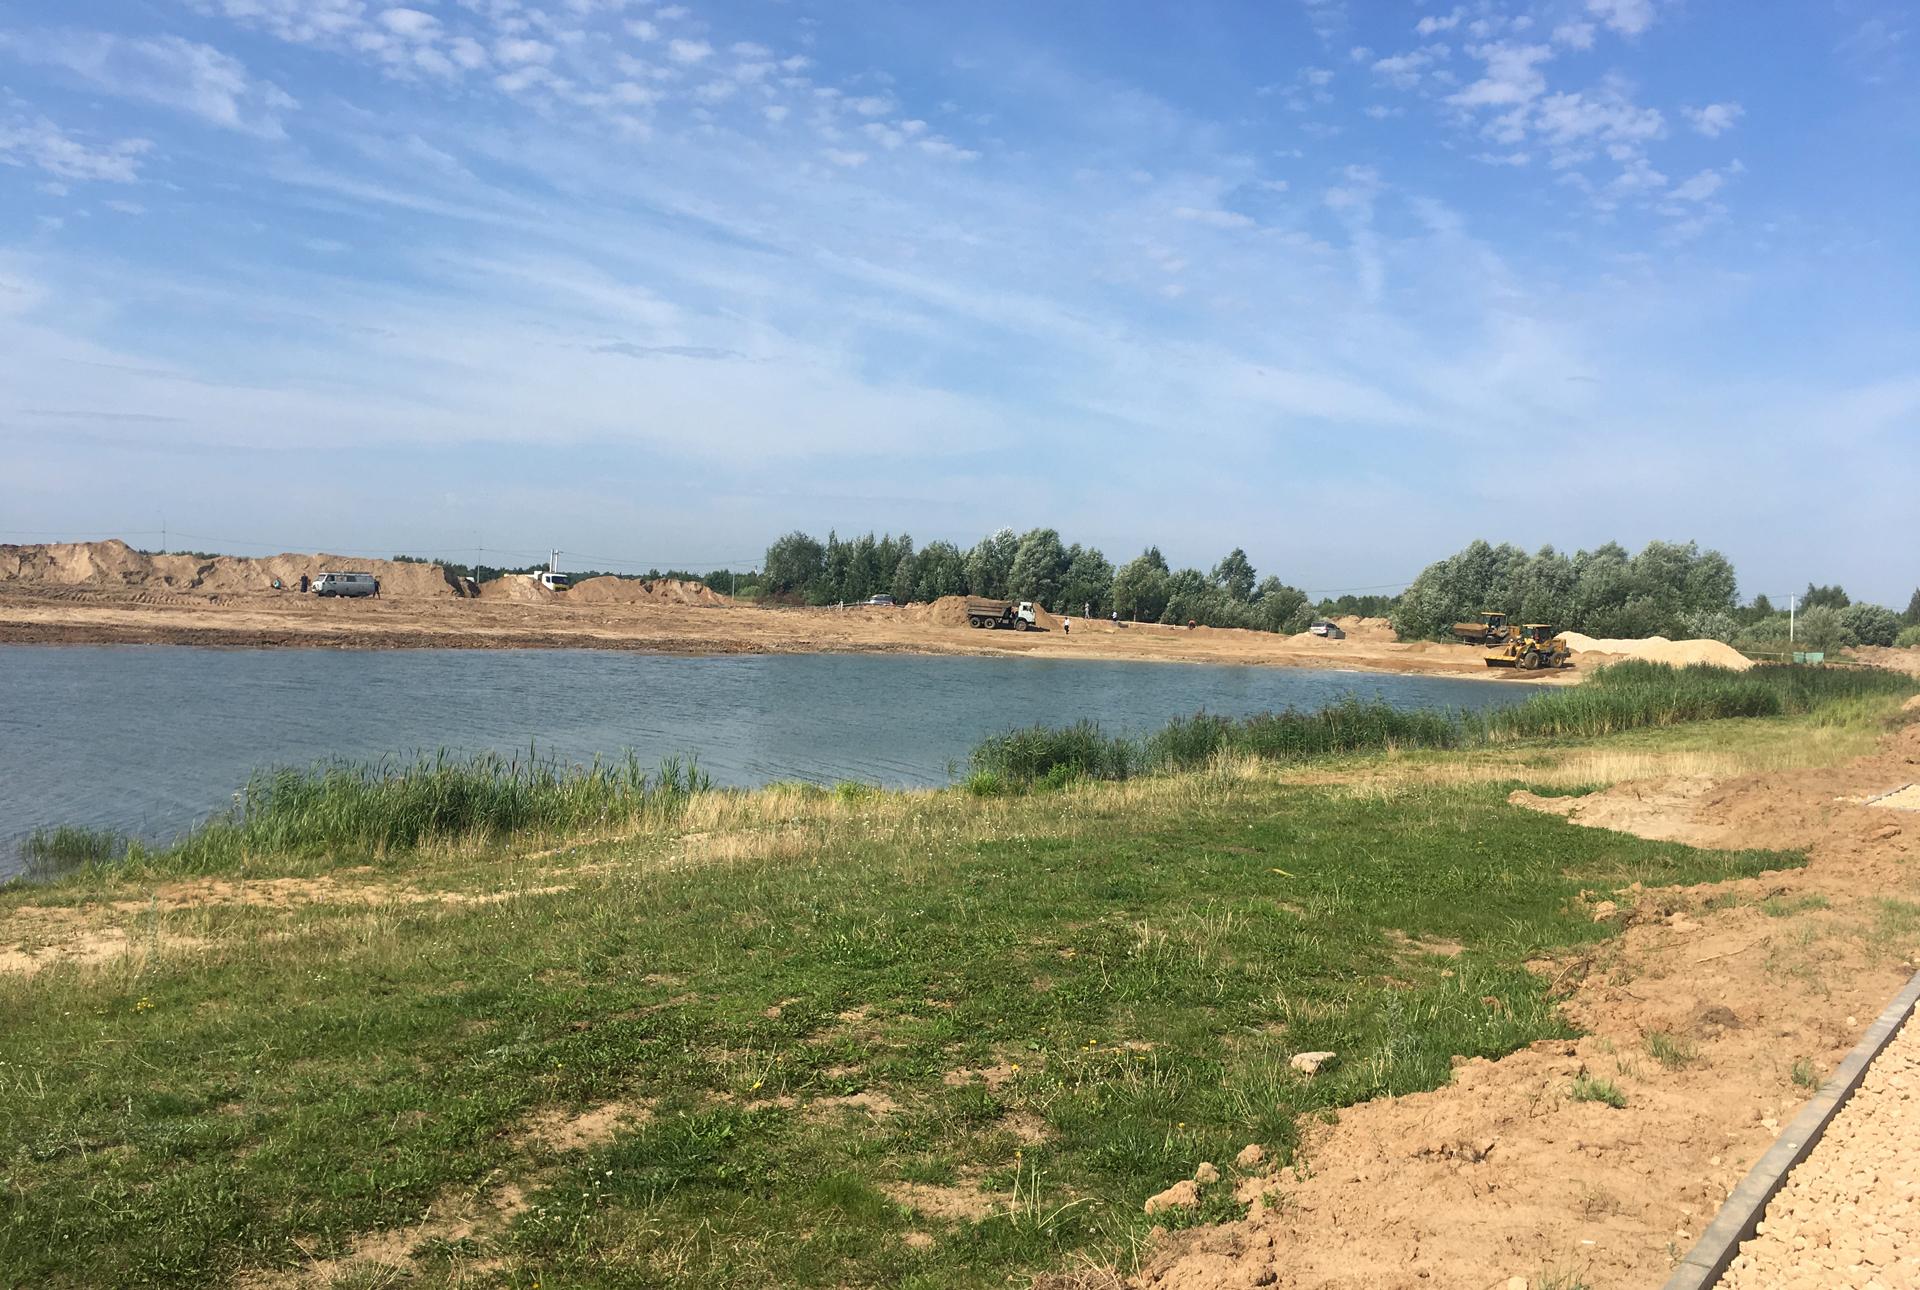 фото озеро юрасовское г бор нижегородской области вешать знак образовании